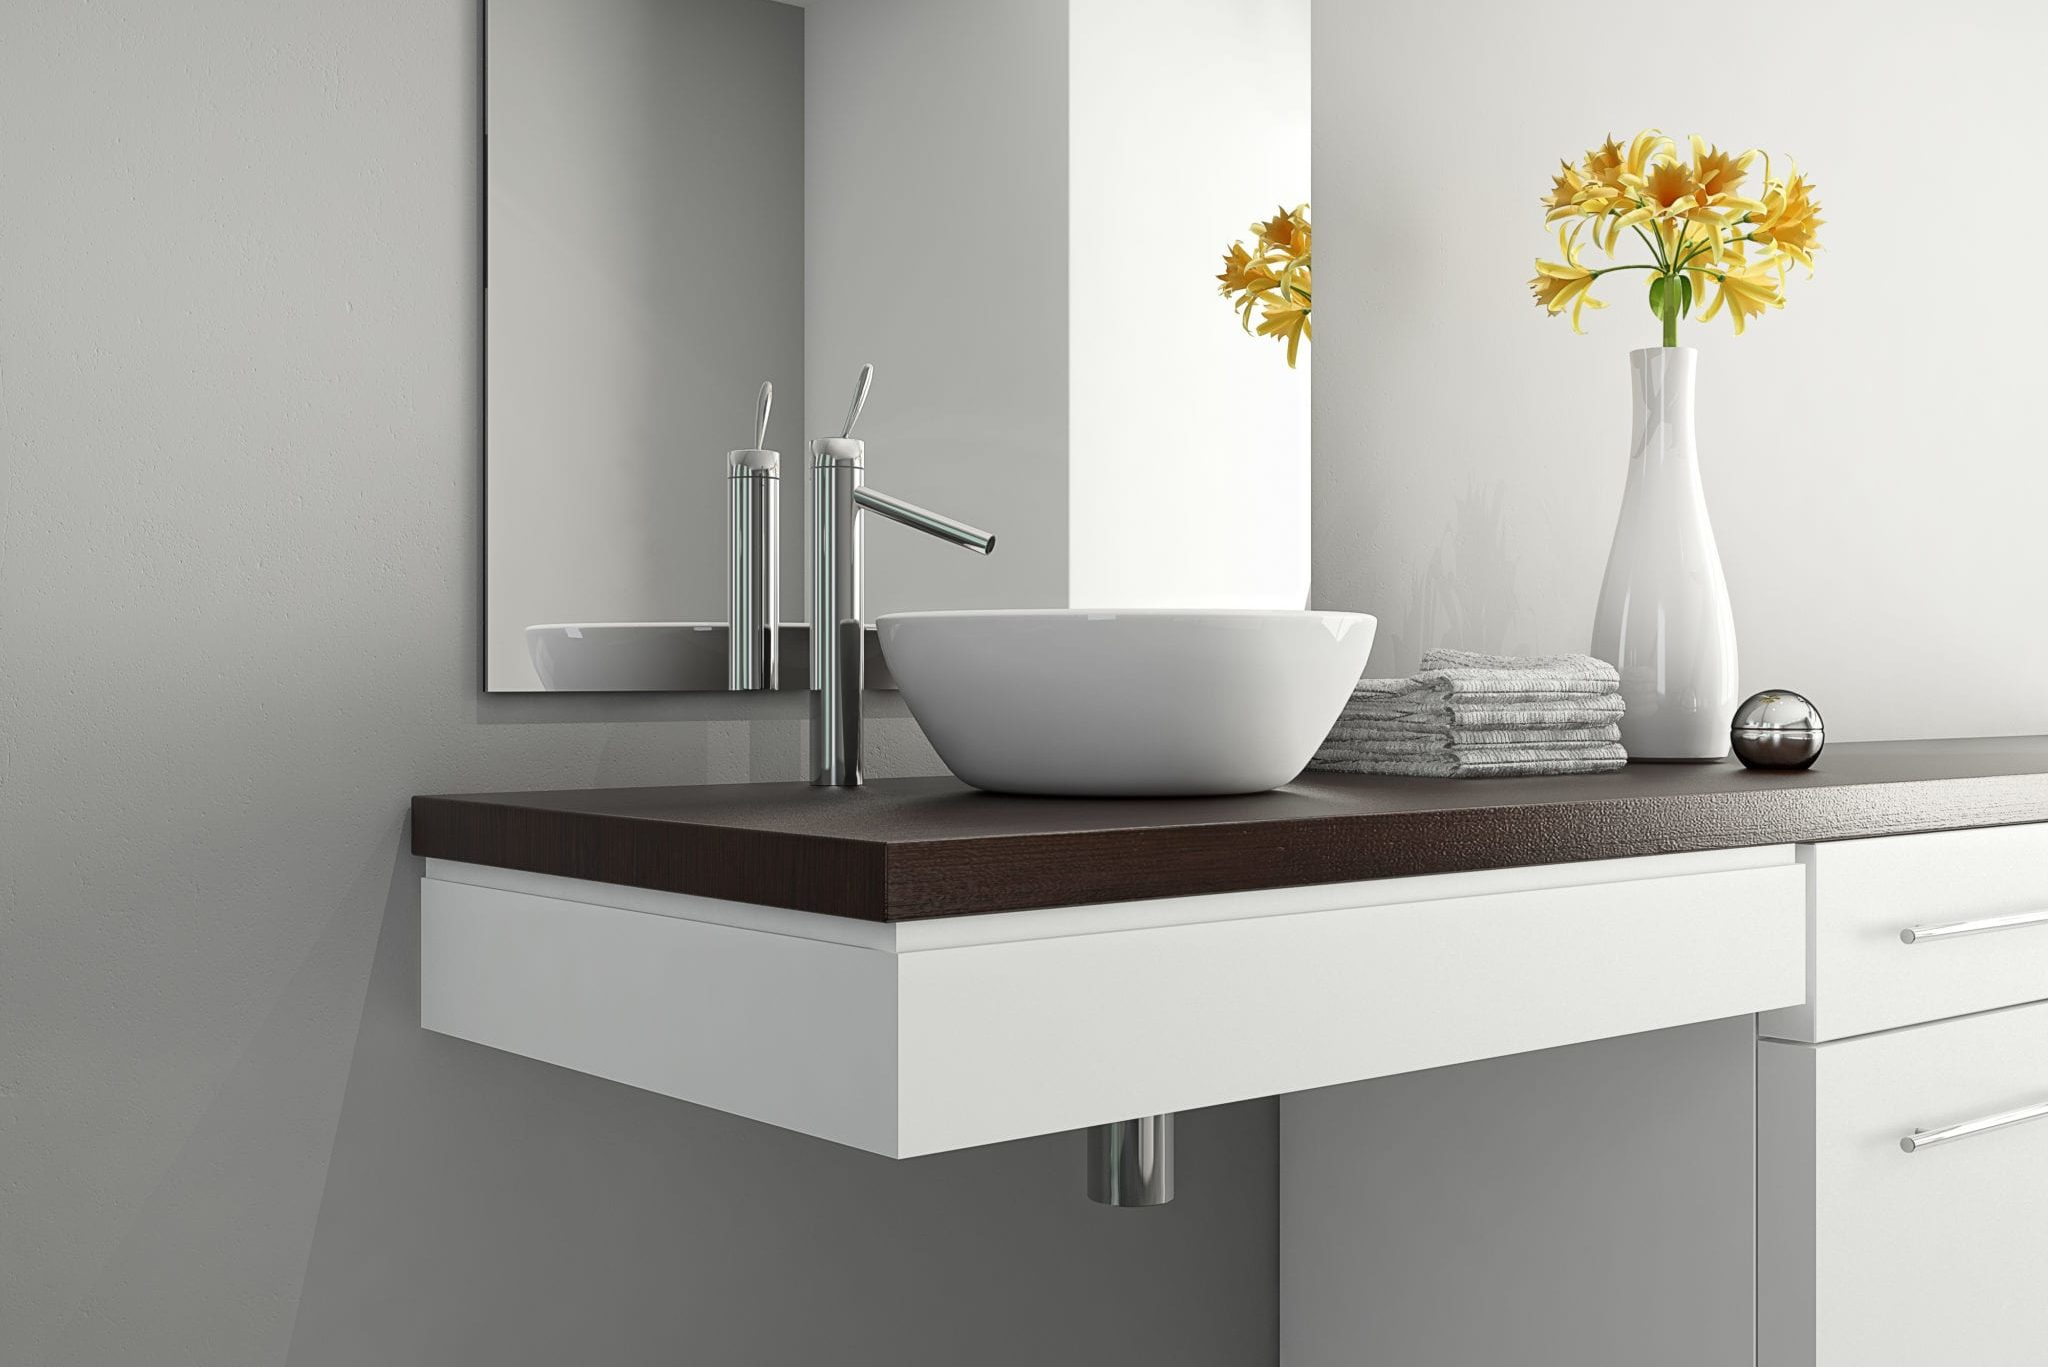 ADA Wheelchair Accessible Bathroom Sink Vanity Remodel Tyler Texas